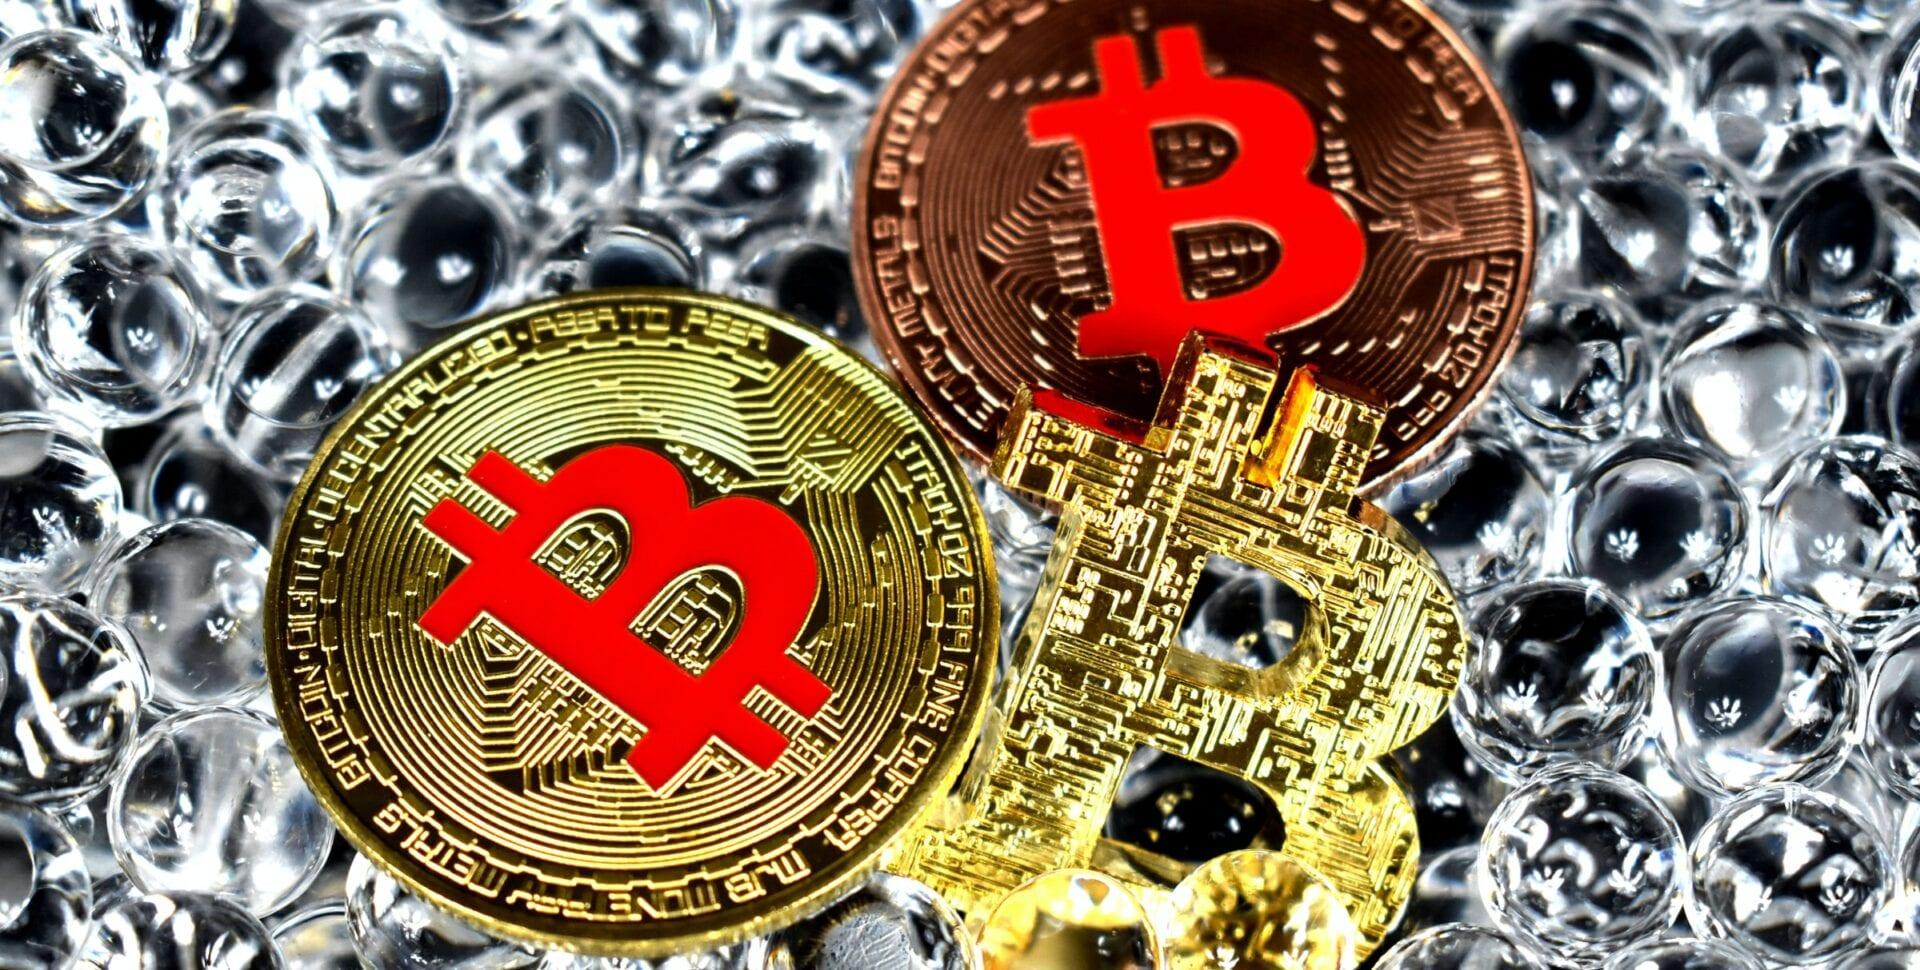 estafas bitcoin